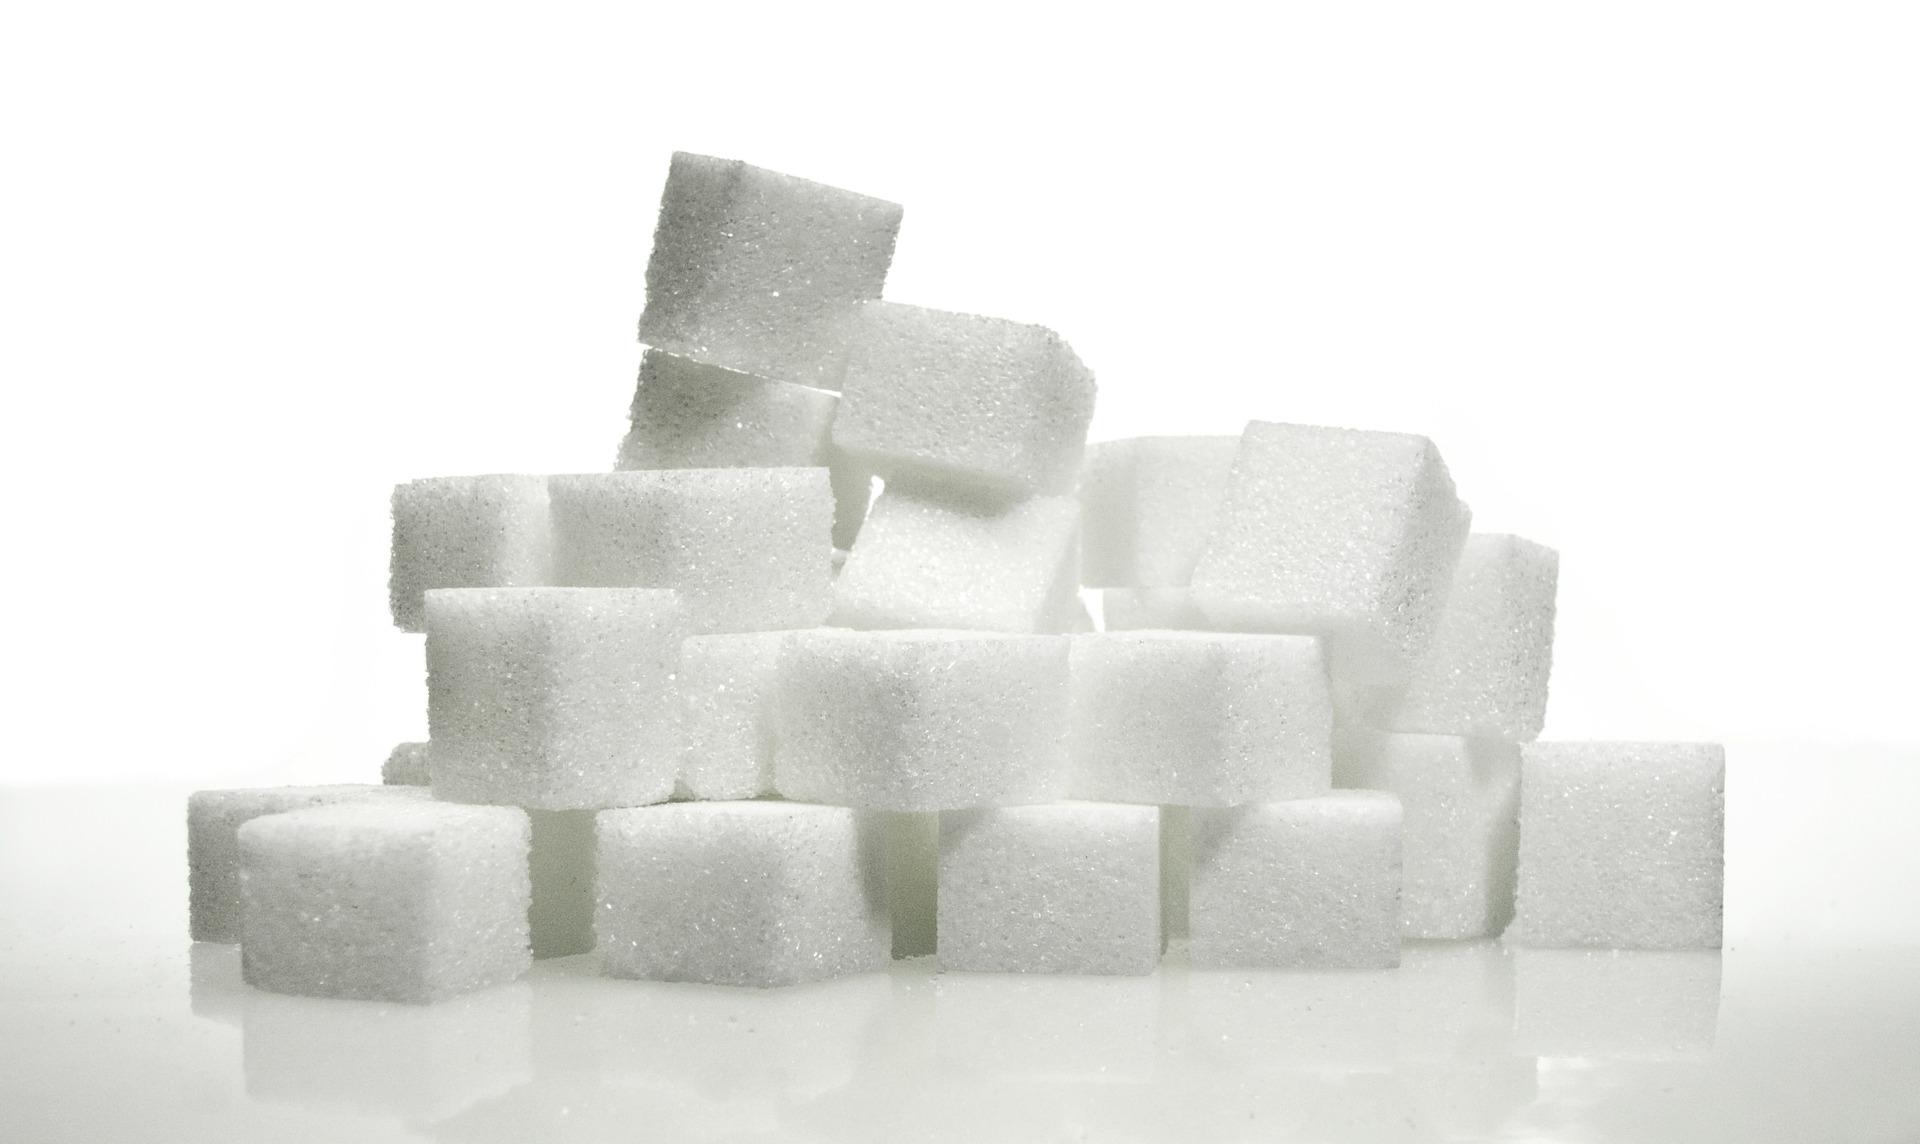 adicto al azúcar